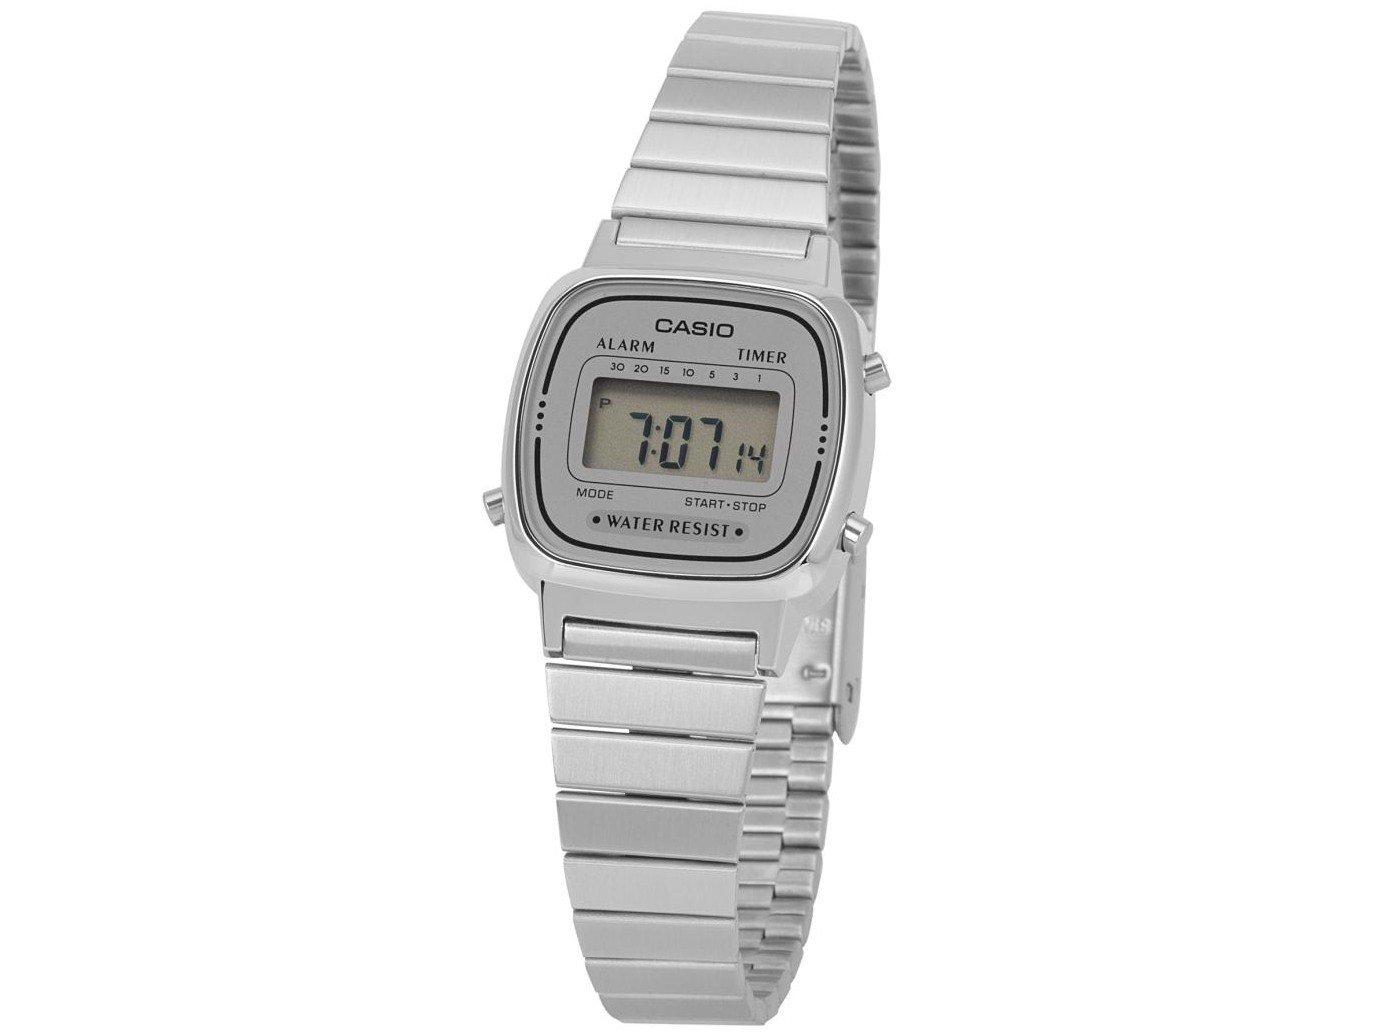 2e75127a13087 Relógio Feminino Casio Digital Vintage LA670WA-7DF - Relógio ...